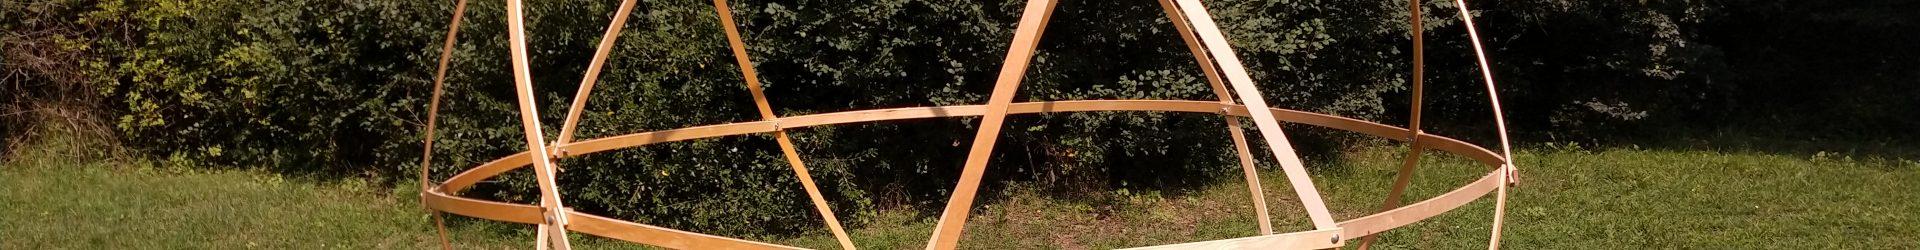 Kugel Icosidedocahedron